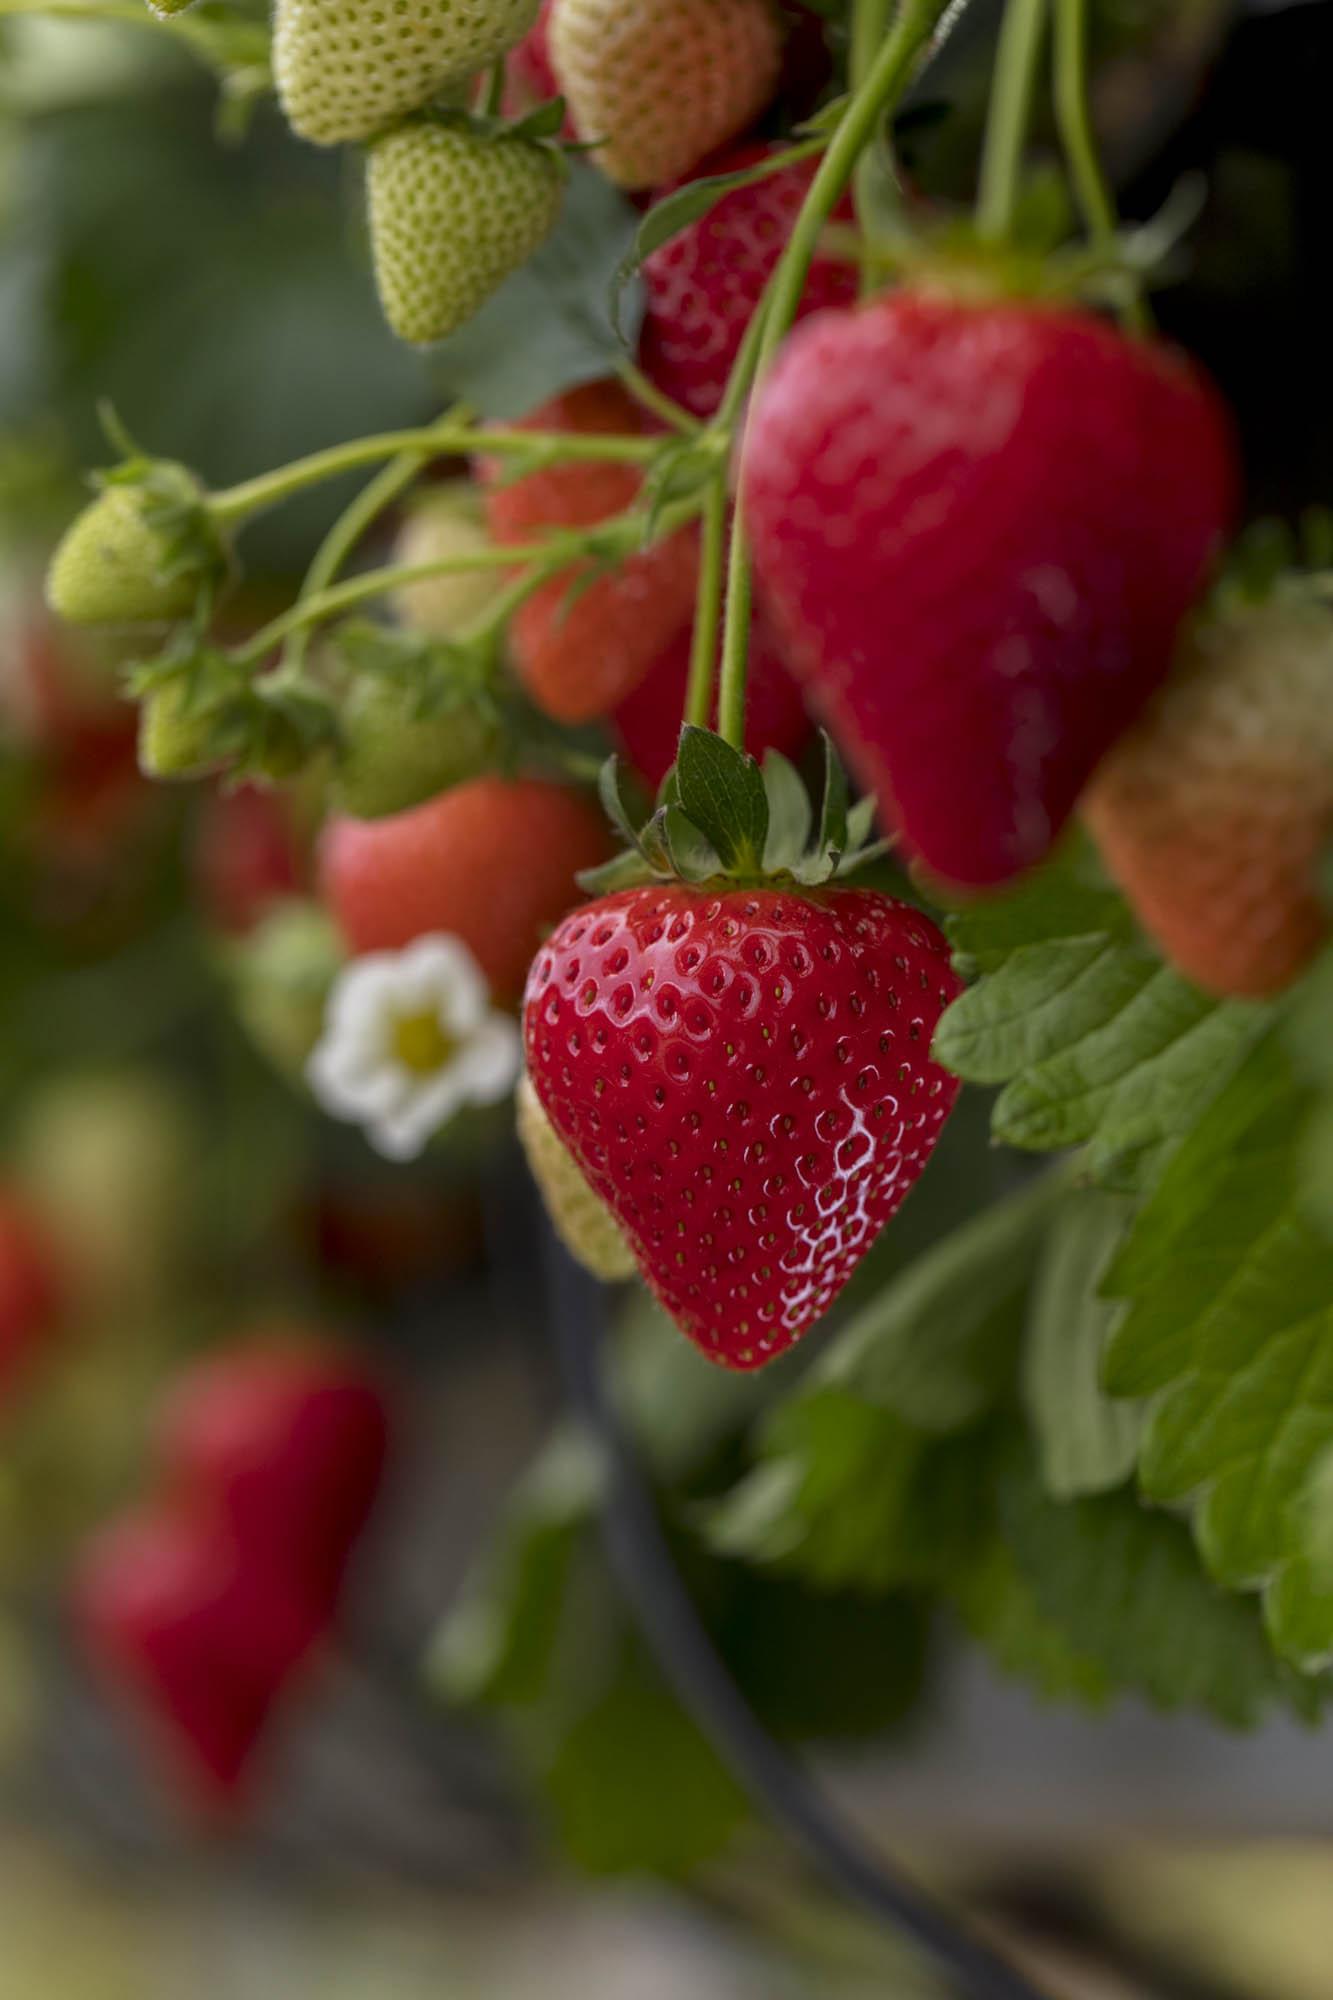 Strawberries_071_4581.jpg